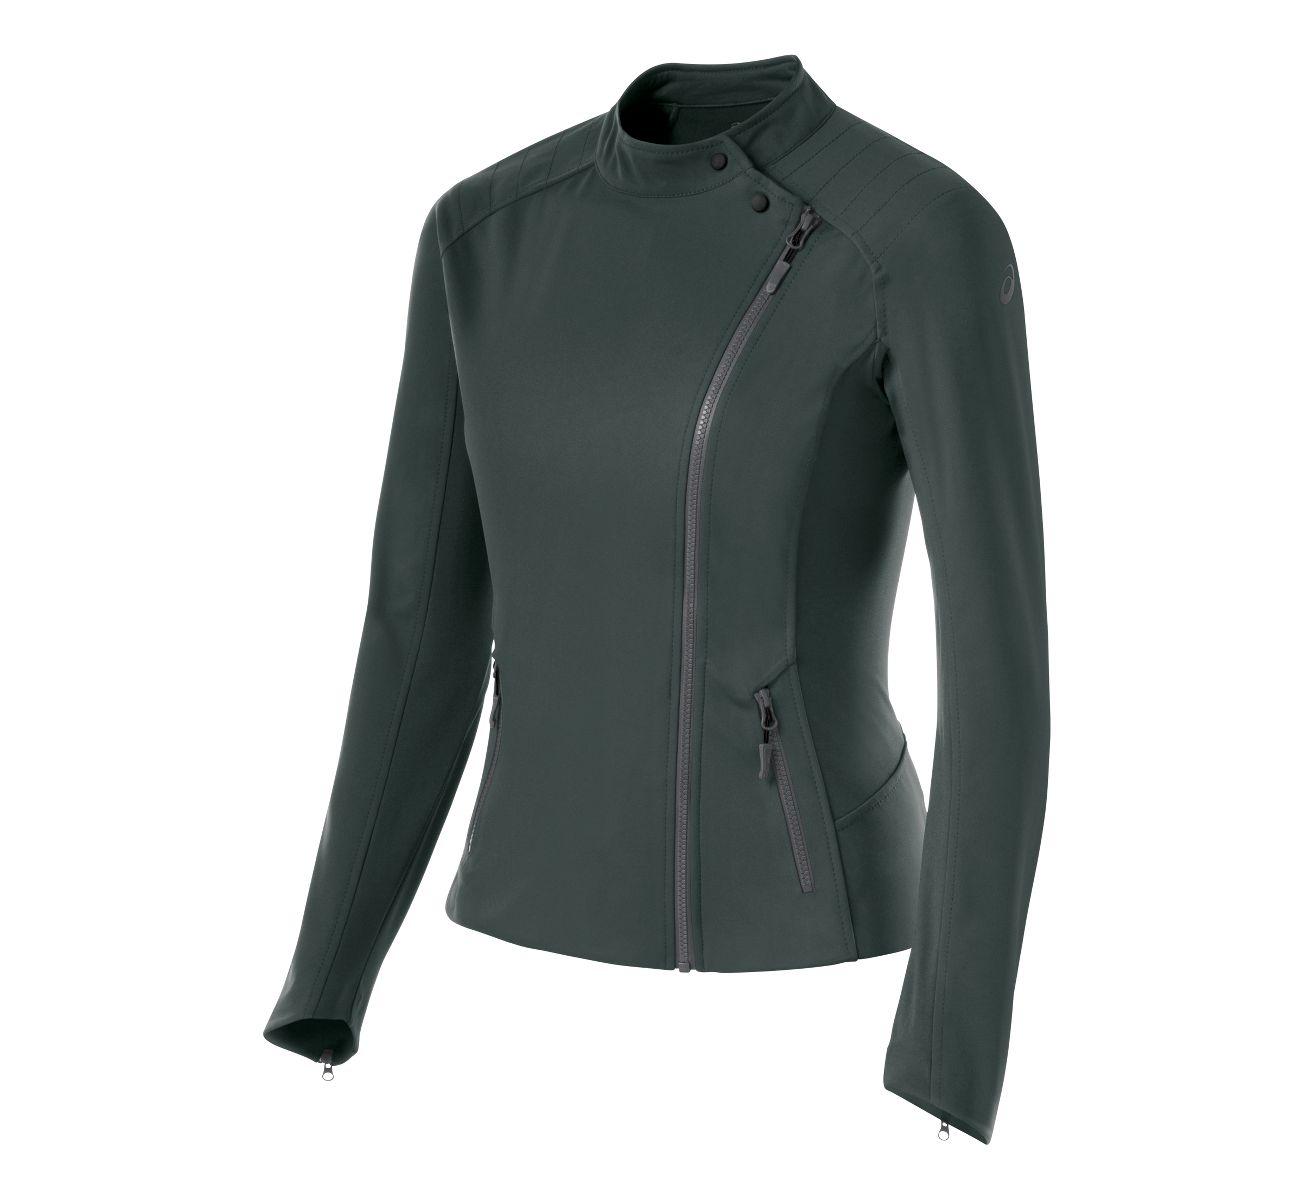 asics jacket shopping